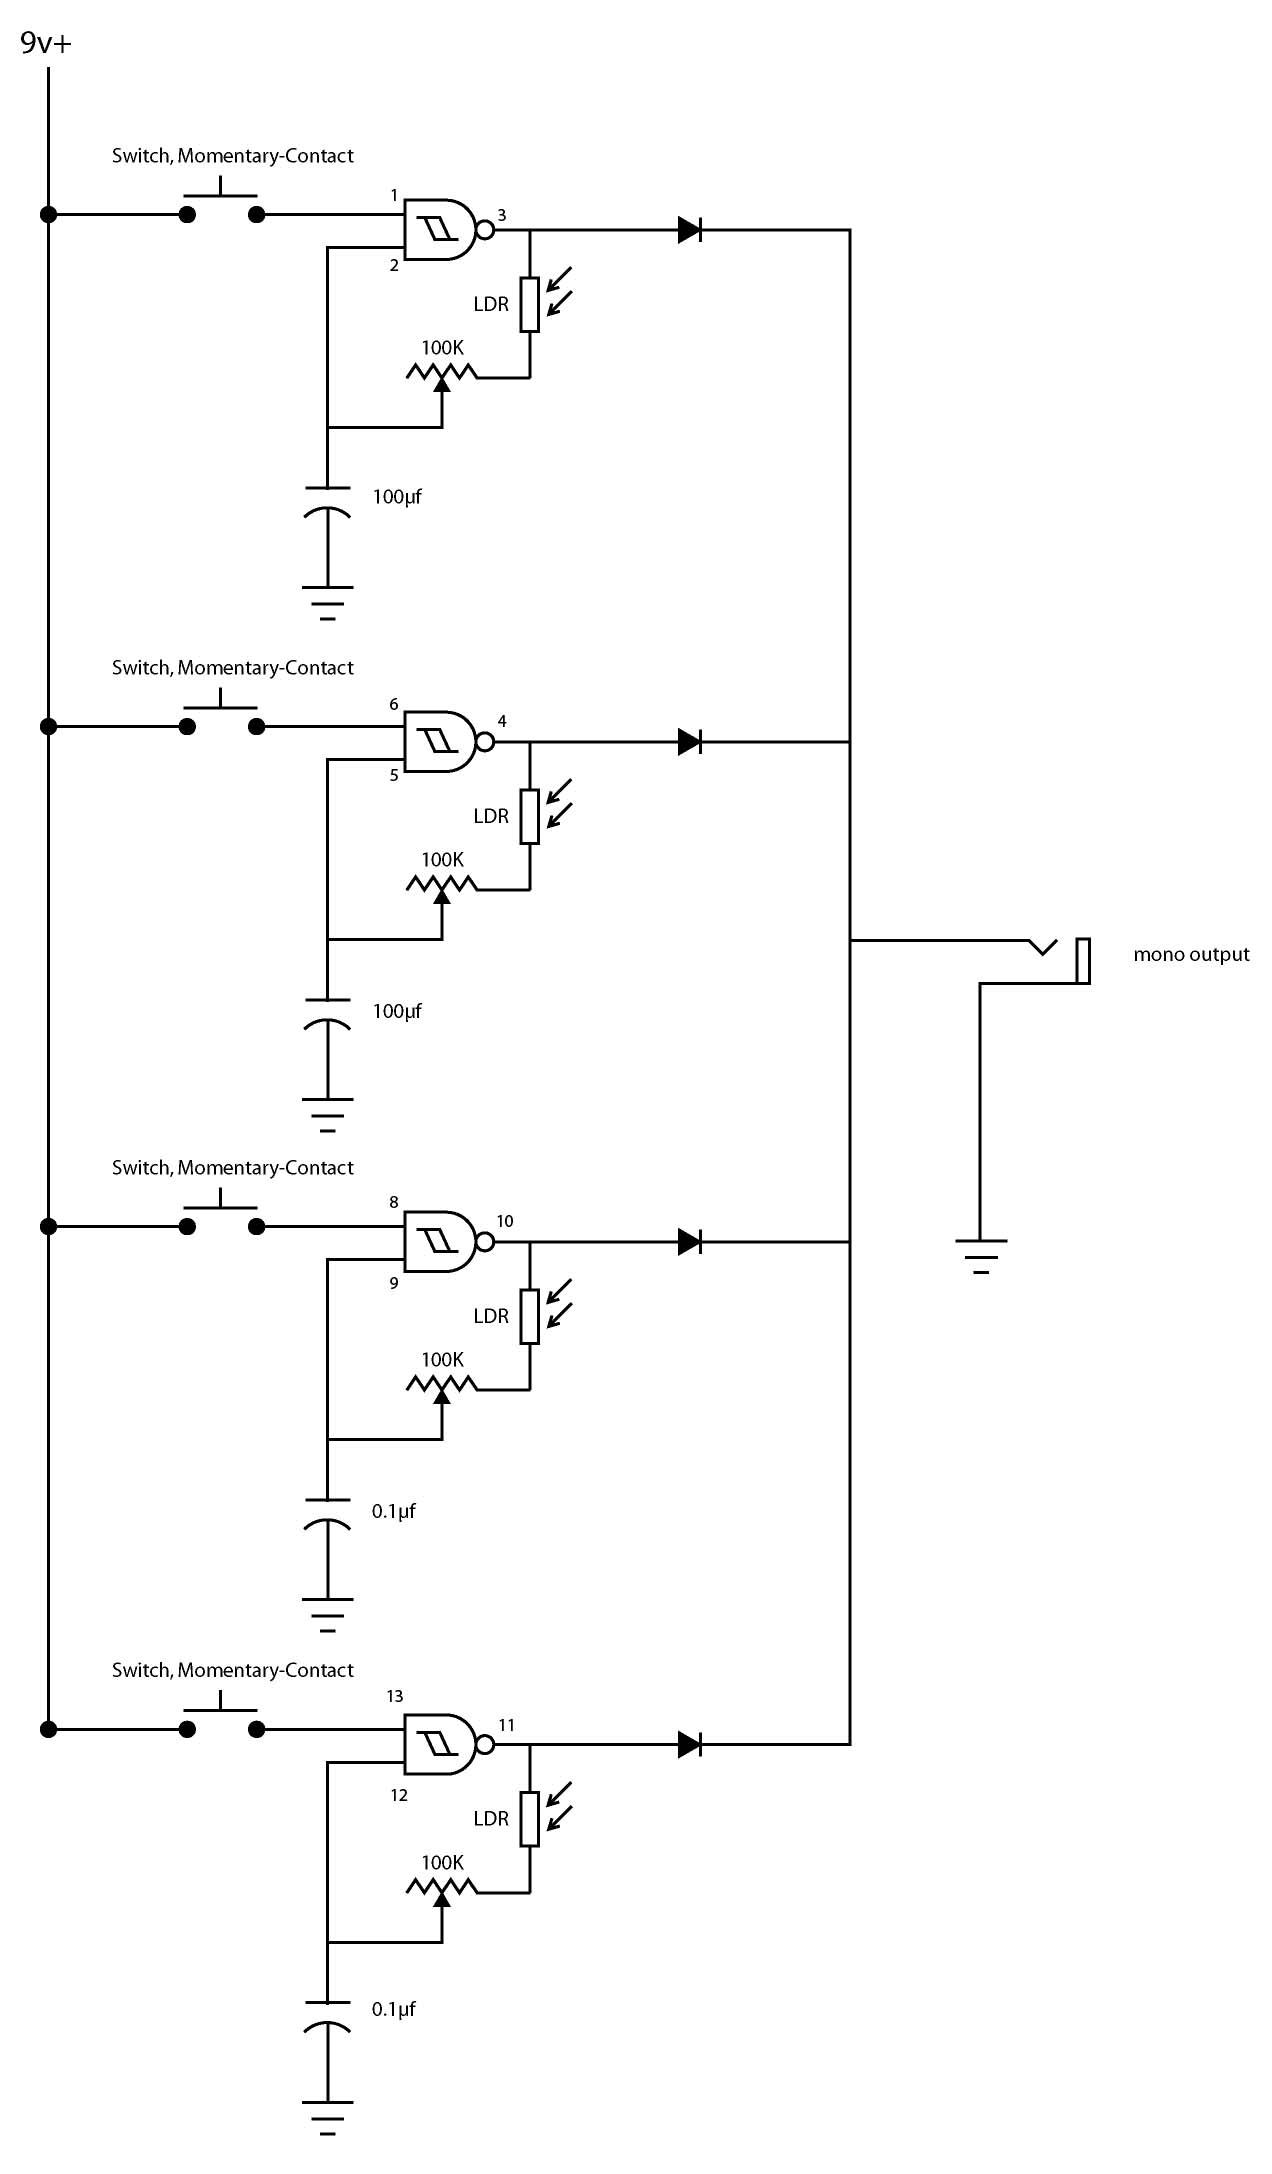 design schematics or schematic design